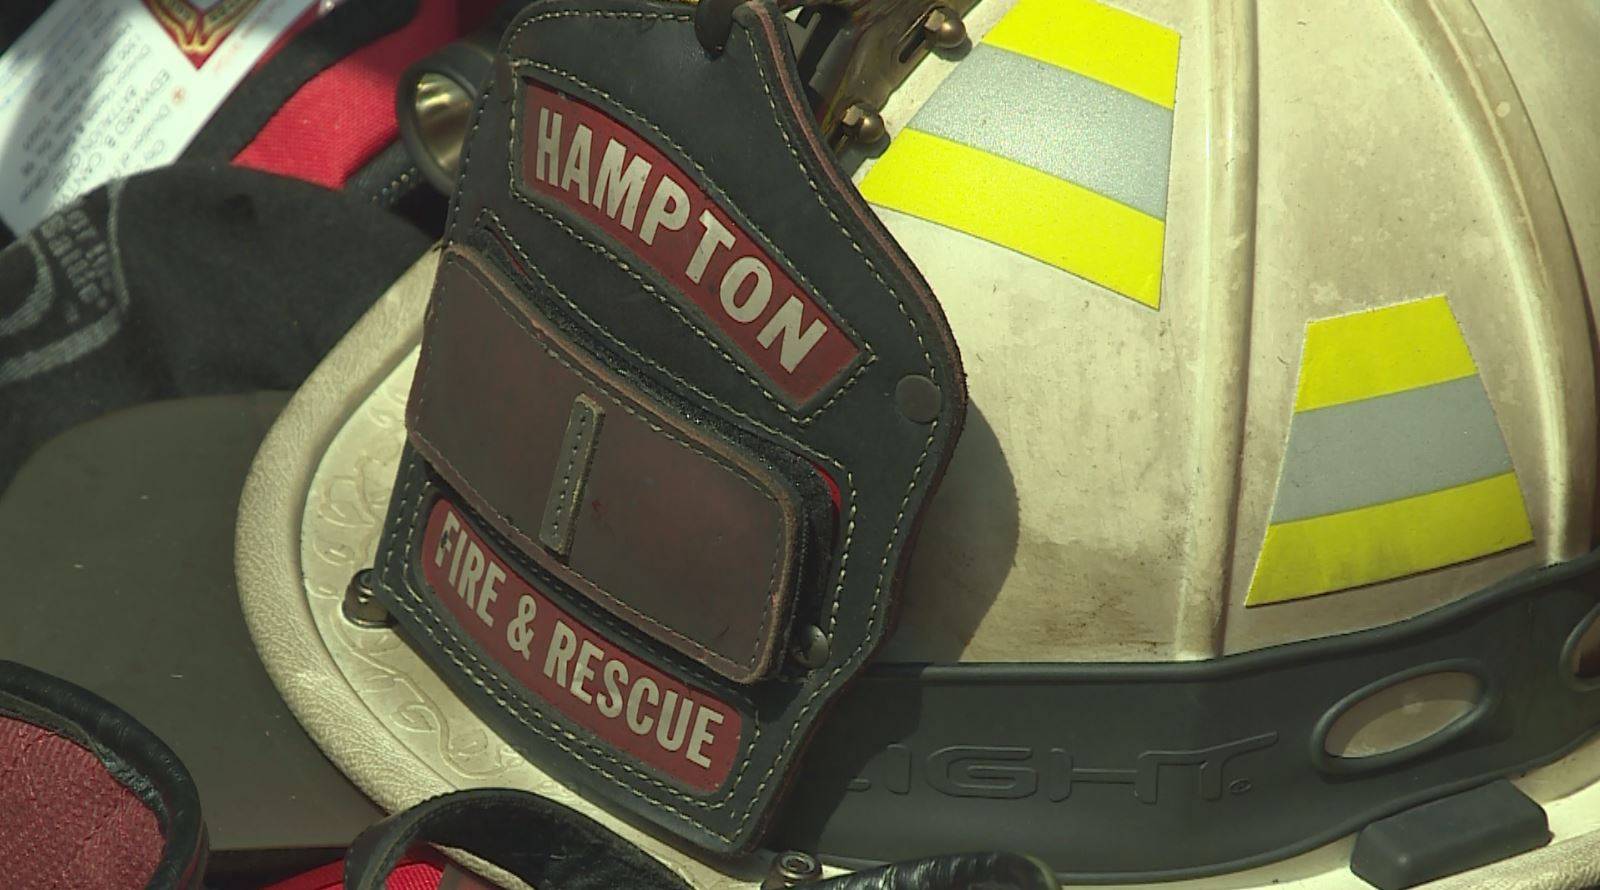 Hampton Fire